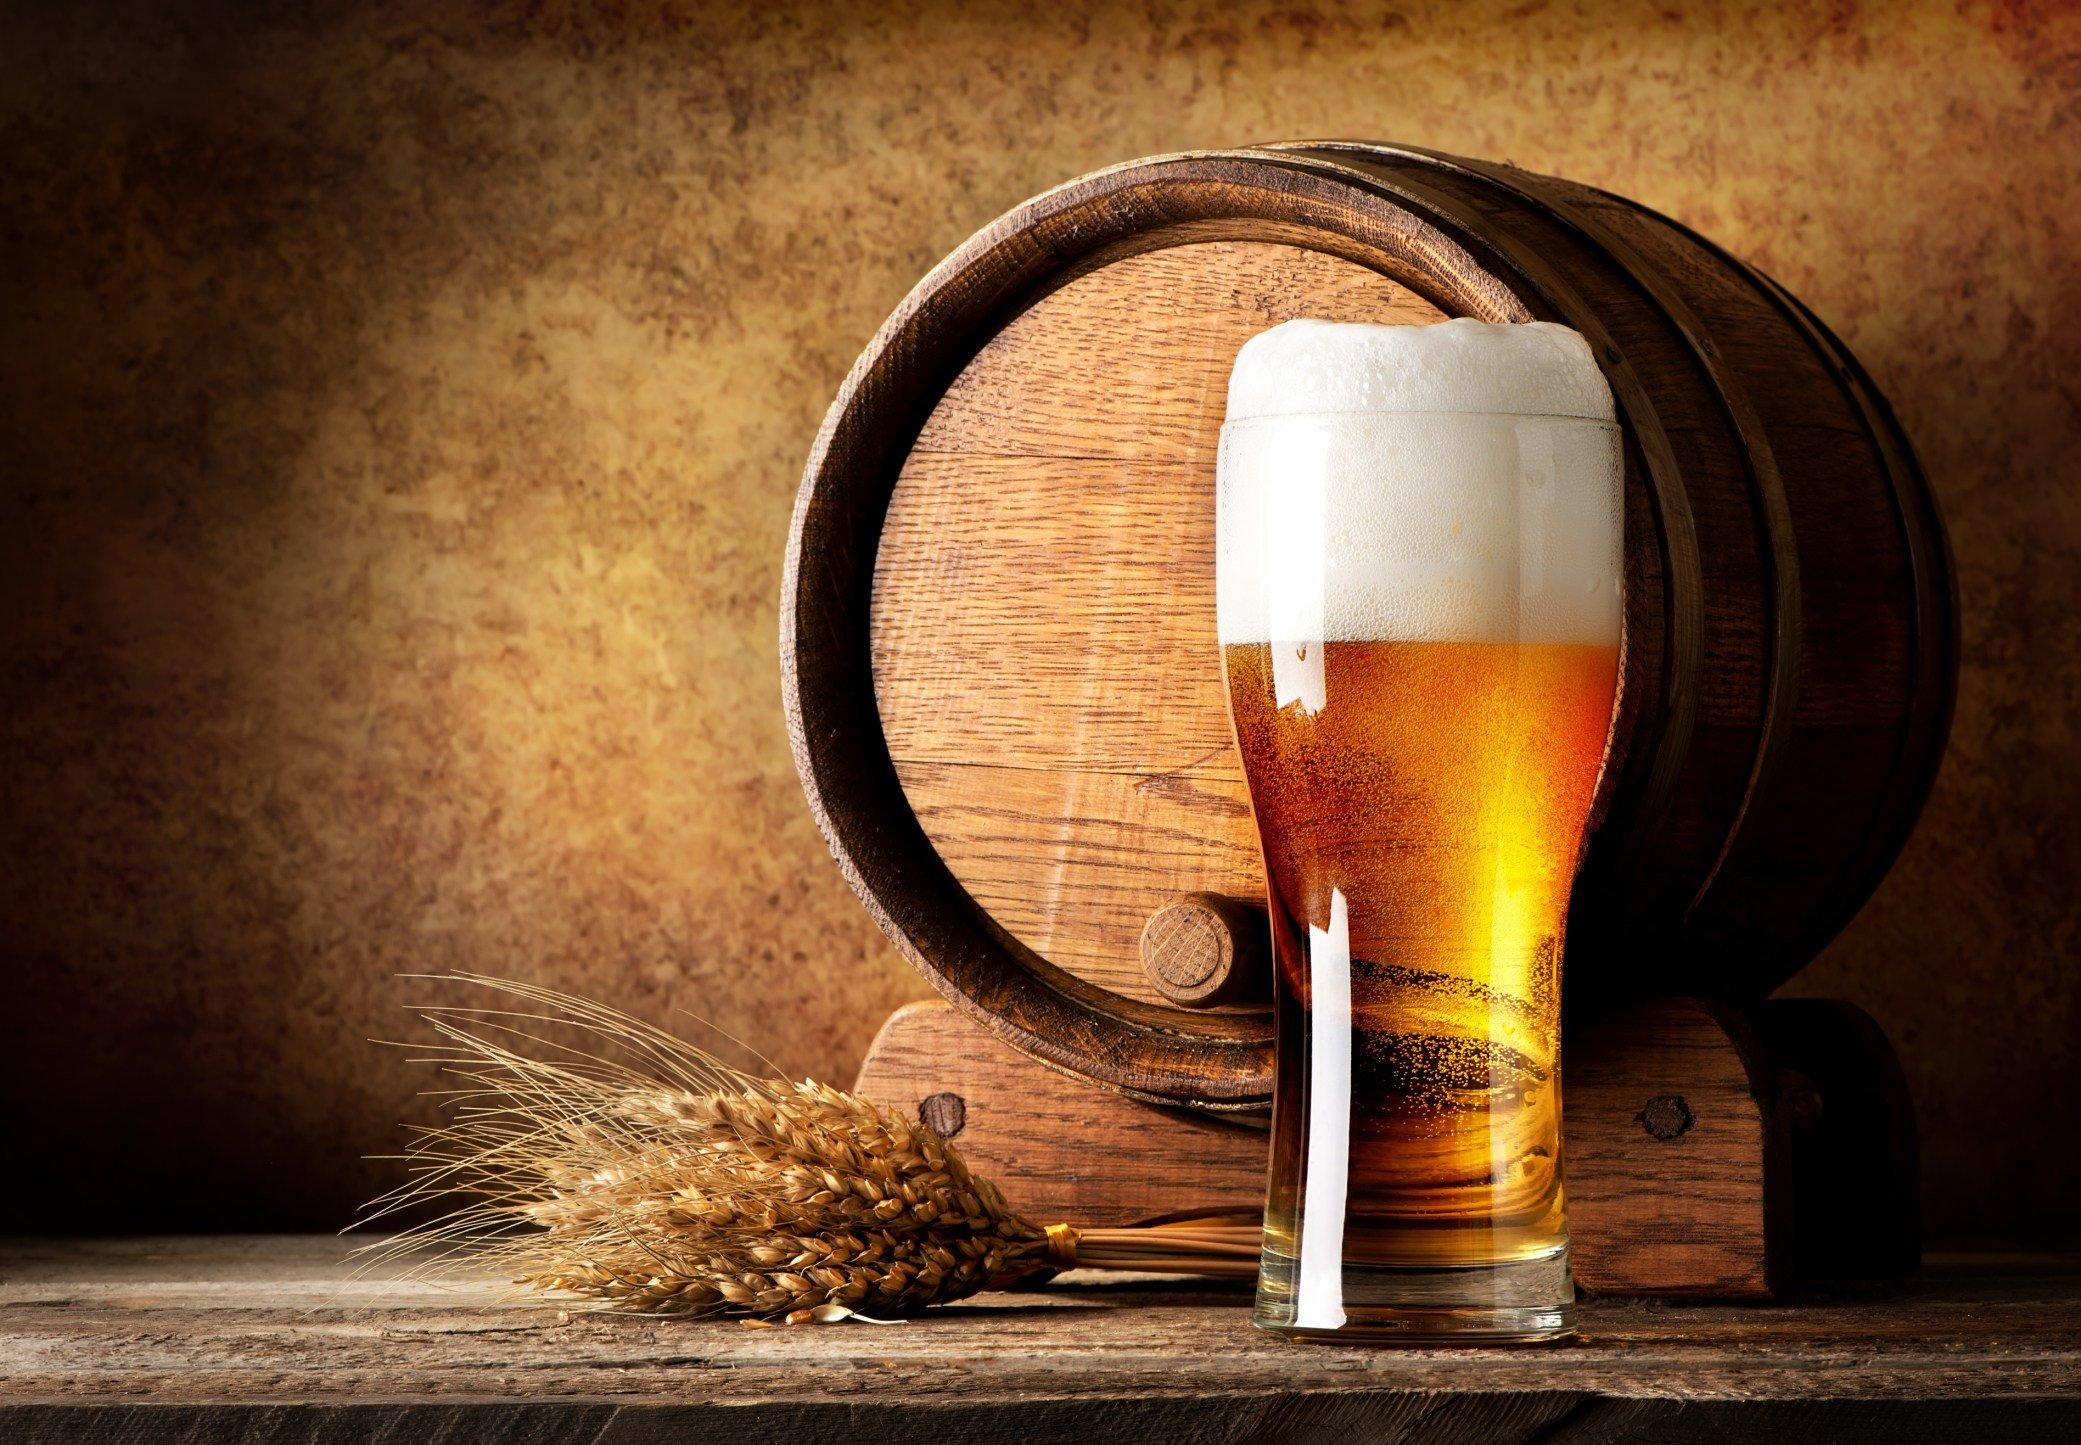 cerveja 0 300x208 - Nutricionistas explicam: Uma lata de cerveja tem as mesmas calorias de um pão francês